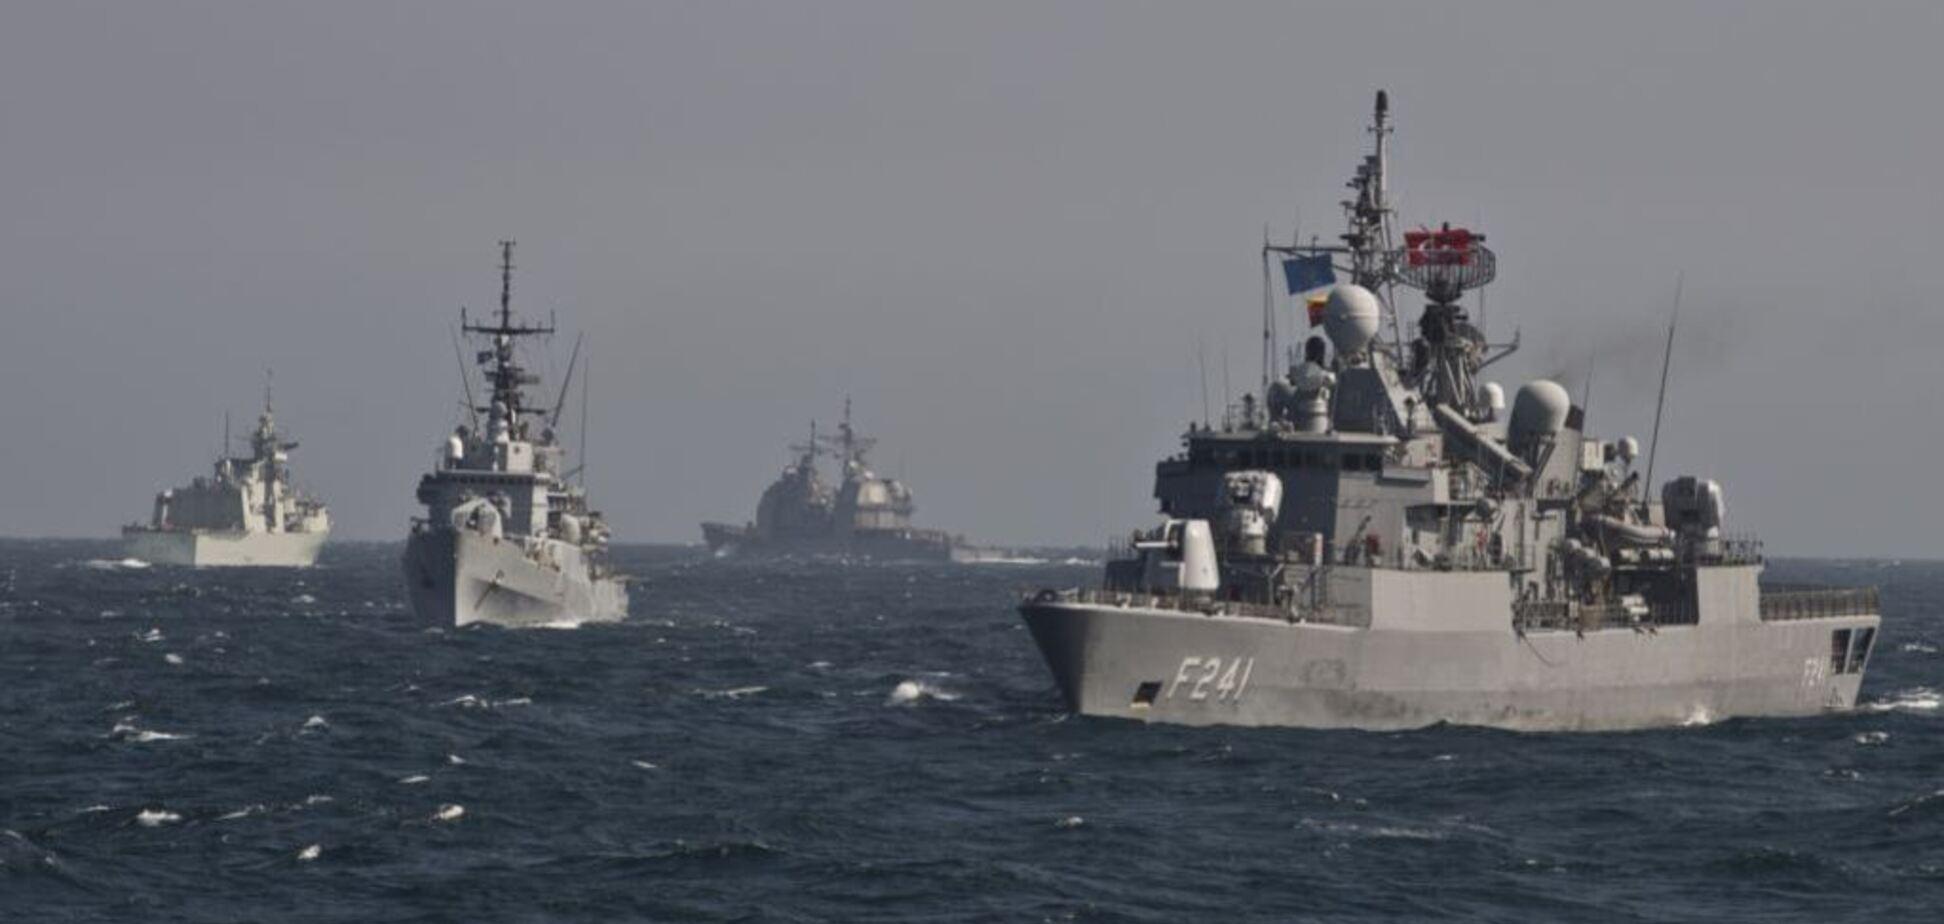 Ползучая аннексия: раскрылась коварная стратегия Путина в Черном море